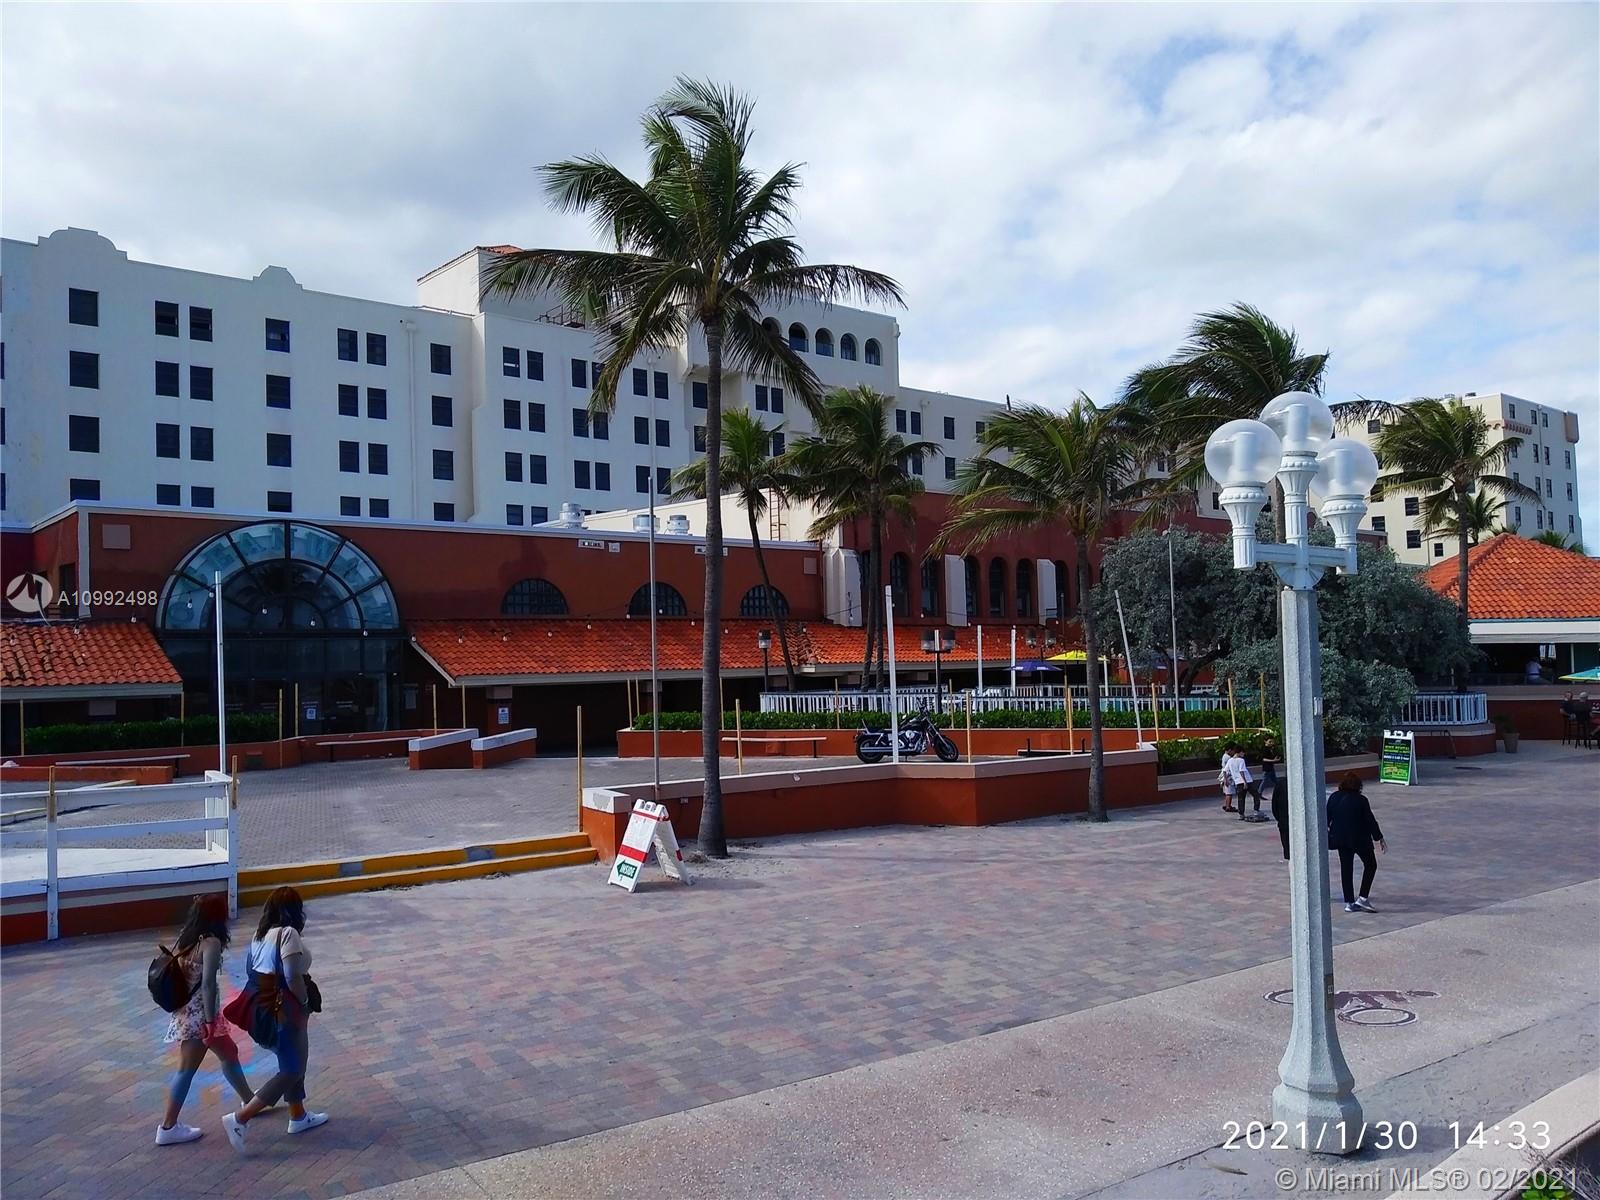 Hollywood, 101 N Ocean Dr Unit 524, Hollywood, Florida 33019